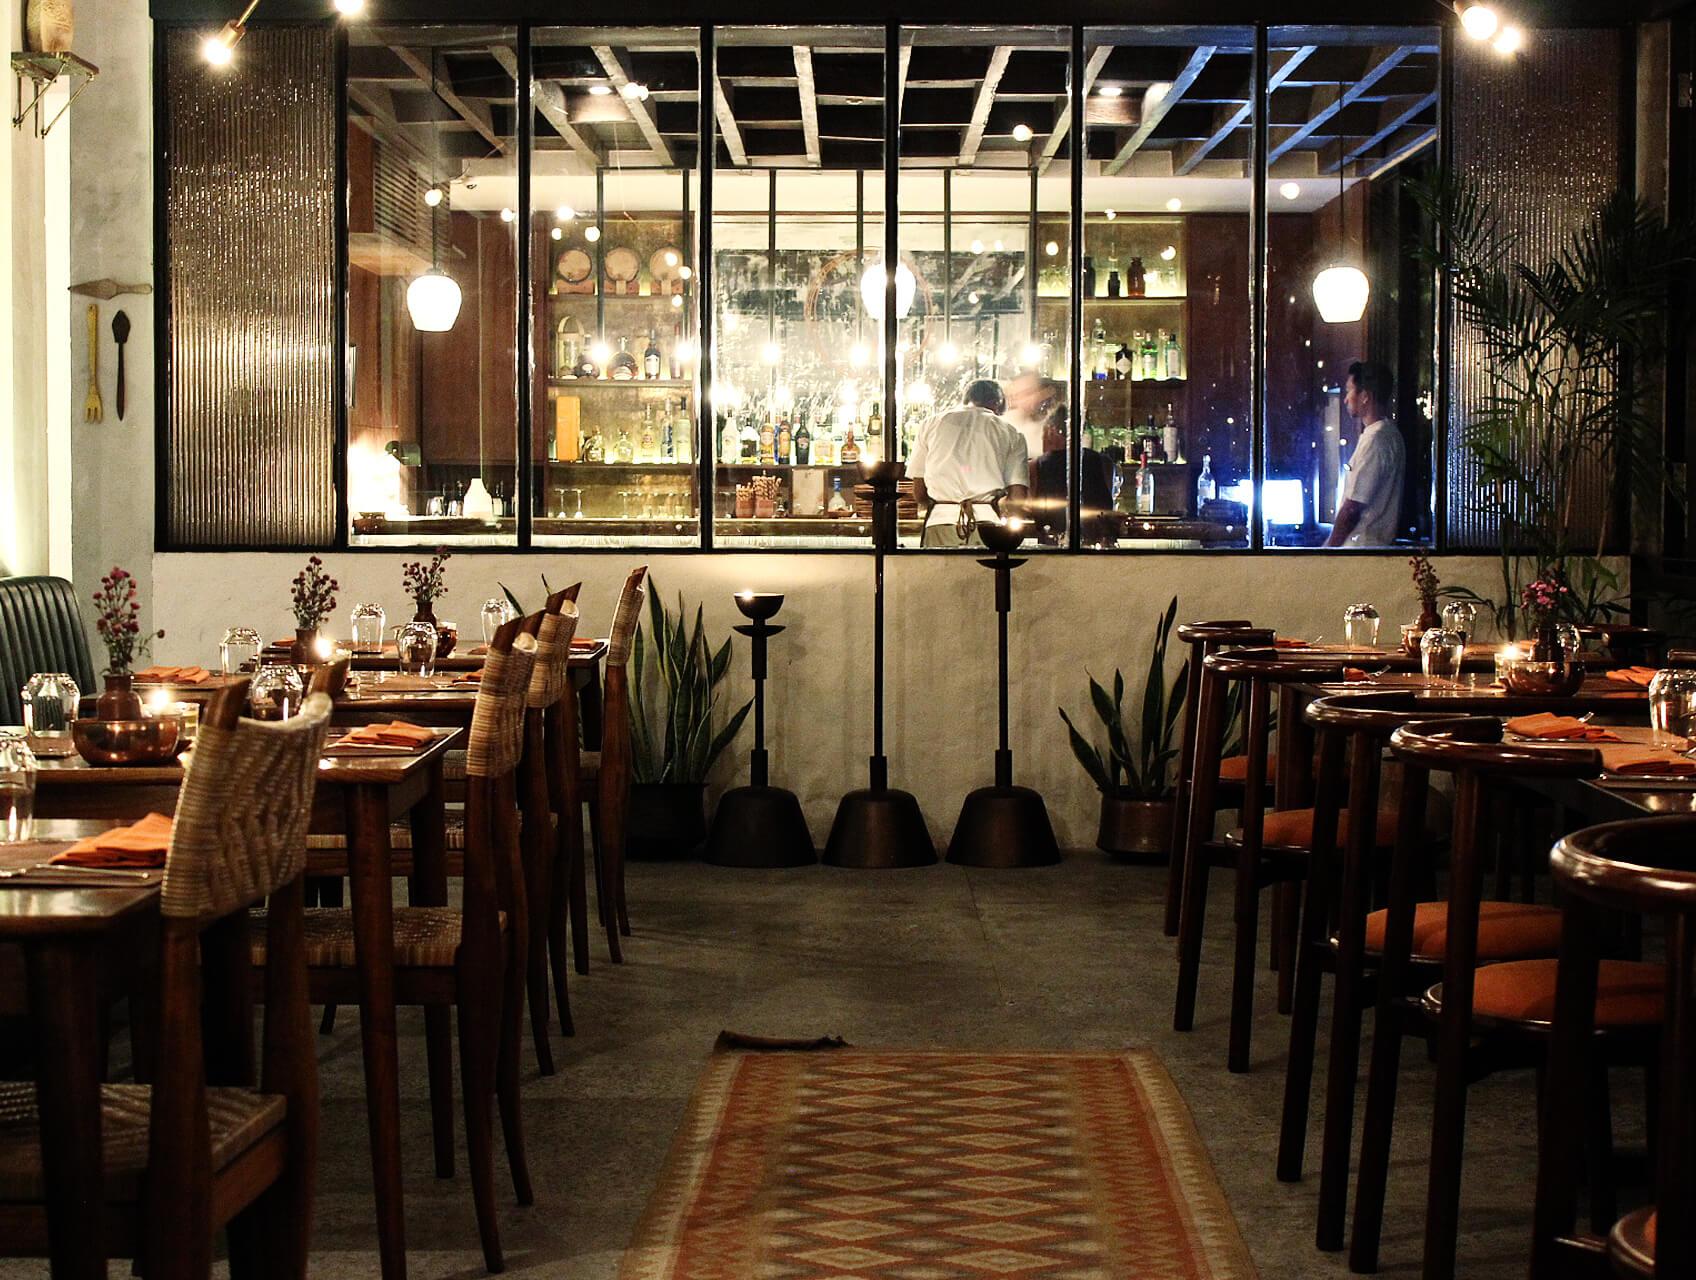 Copper Kitchen & Bar